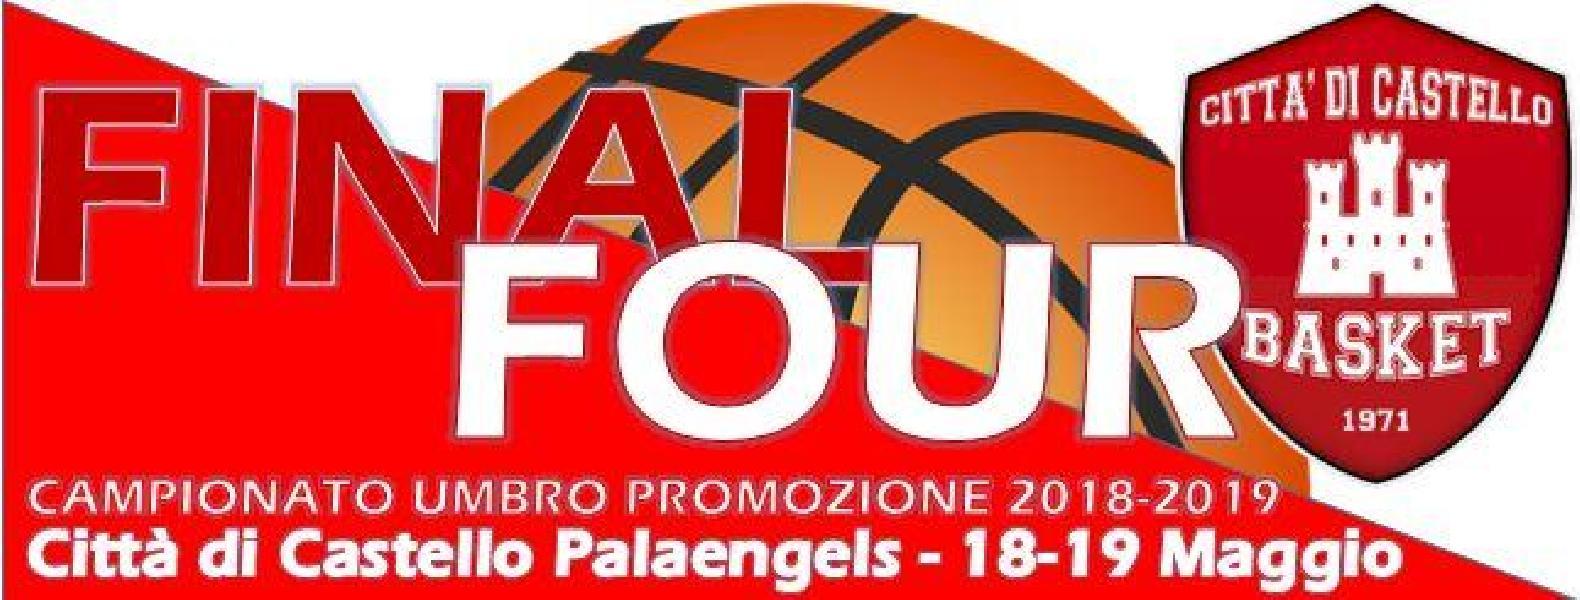 https://www.basketmarche.it/immagini_articoli/16-05-2019/promozione-umbria-citt-castello-scena-final-four-programma-dettagliato-600.jpg